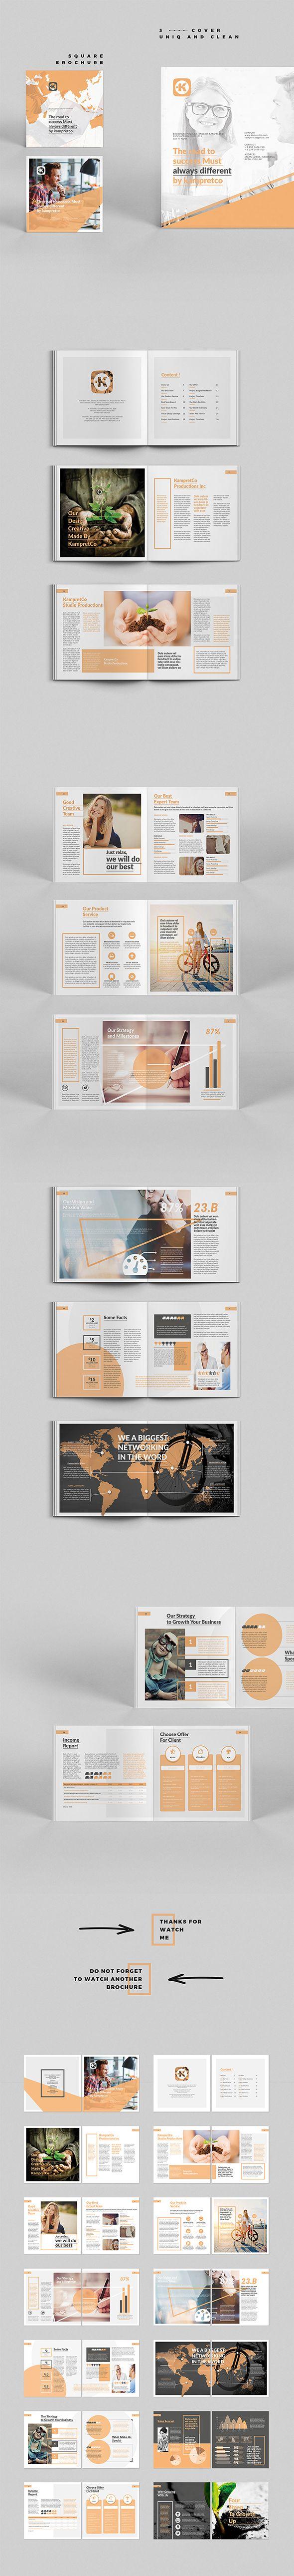 Ознакомьтесь с этим проектом @Behance: «Square Multipurpose Brochure» https://www.behance.net/gallery/44260341/Square-Multipurpose-Brochure